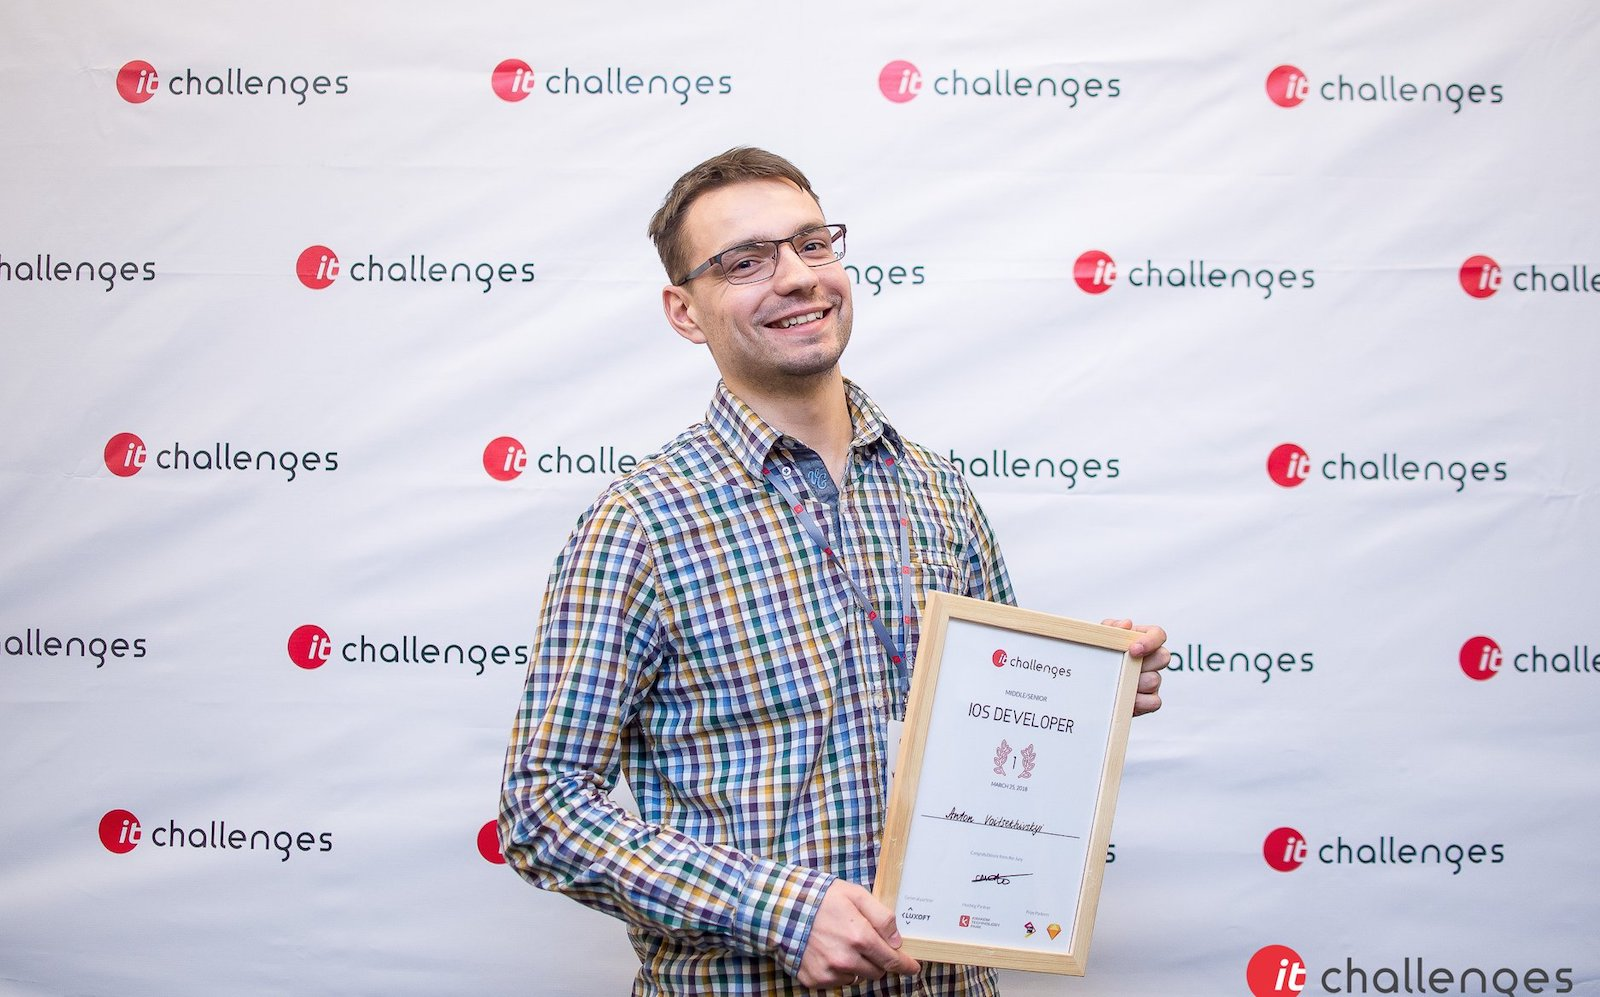 Як український iOS-розробник виграв відкритий чемпіонат Європи